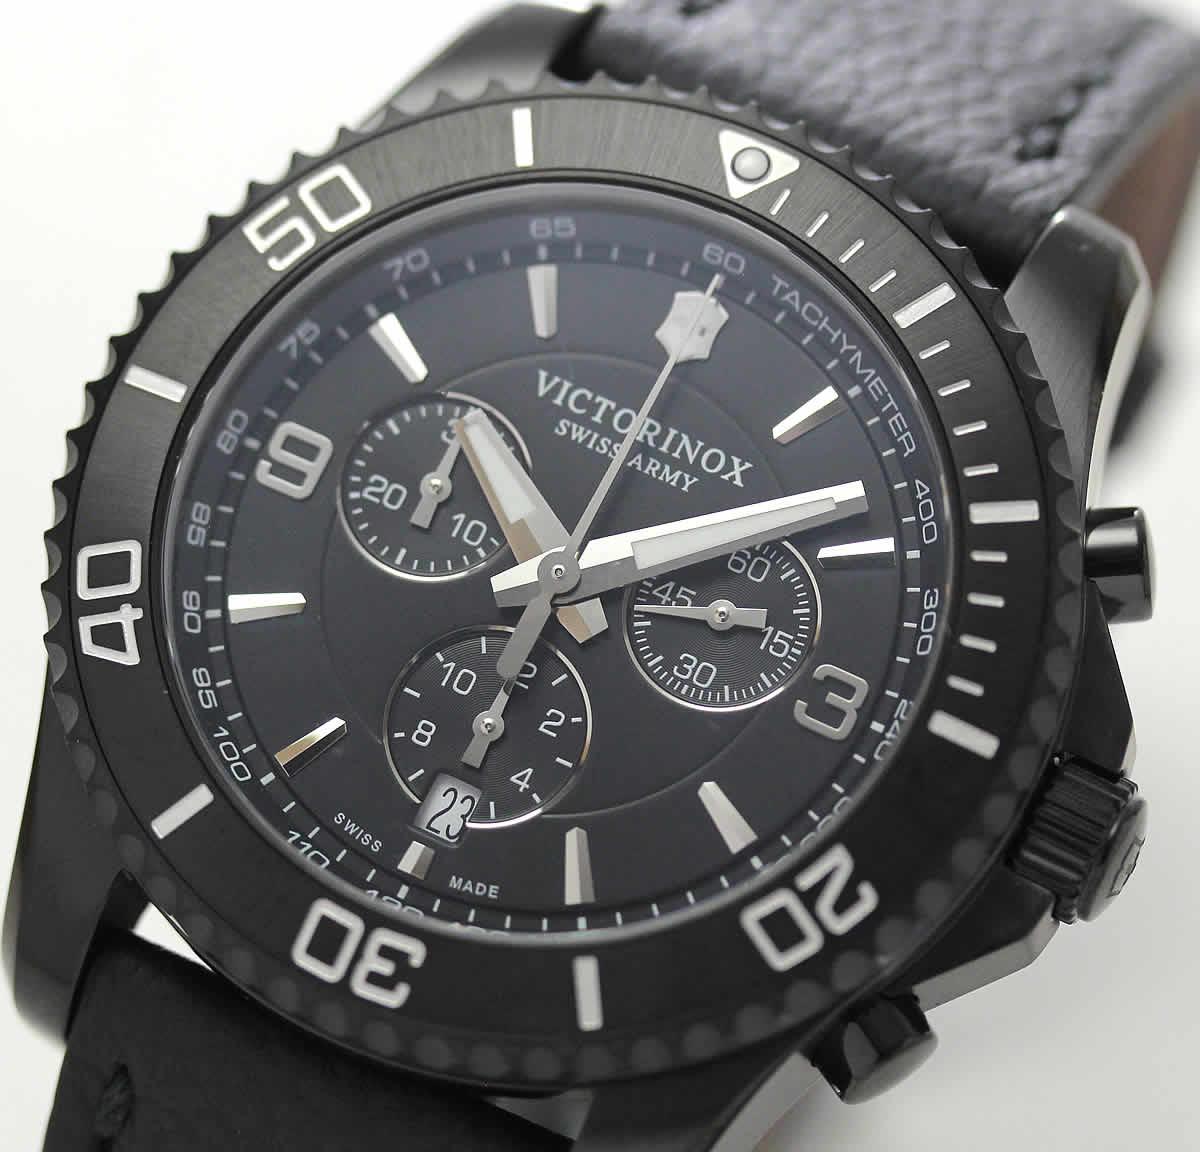 ビクトリノックス スイスアーミー  クロノグラフ 腕時計